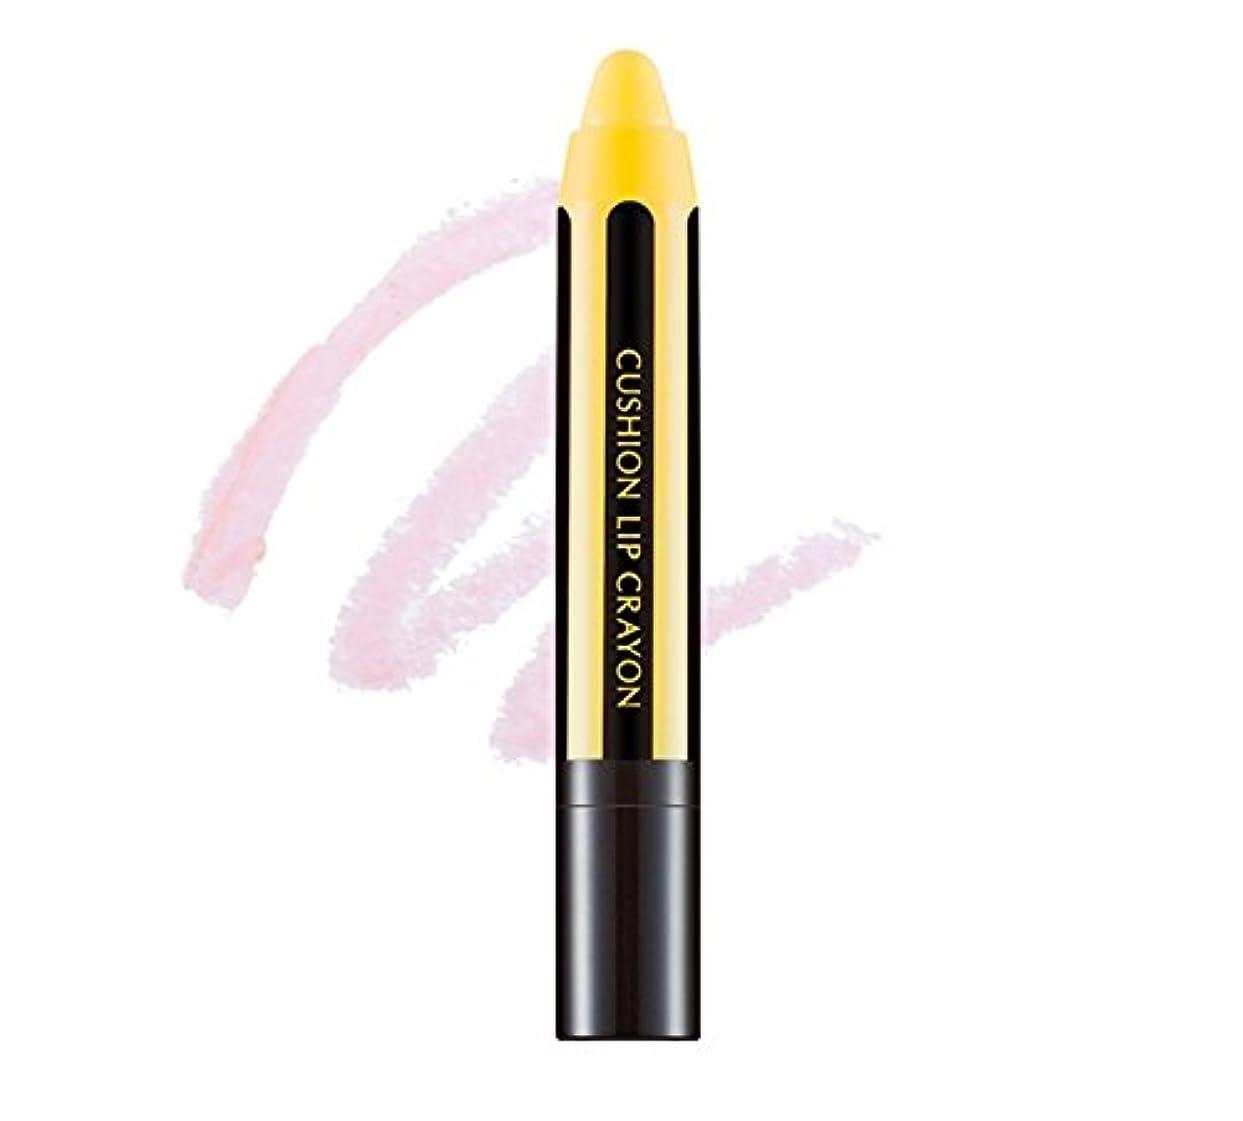 小石却下するばか[New] MISSHA Cushion Lip Crayon (#YPK01 : Lemon soda)/ミシャ クッション リップ クレヨン (#YPK01 : Lemon soda)